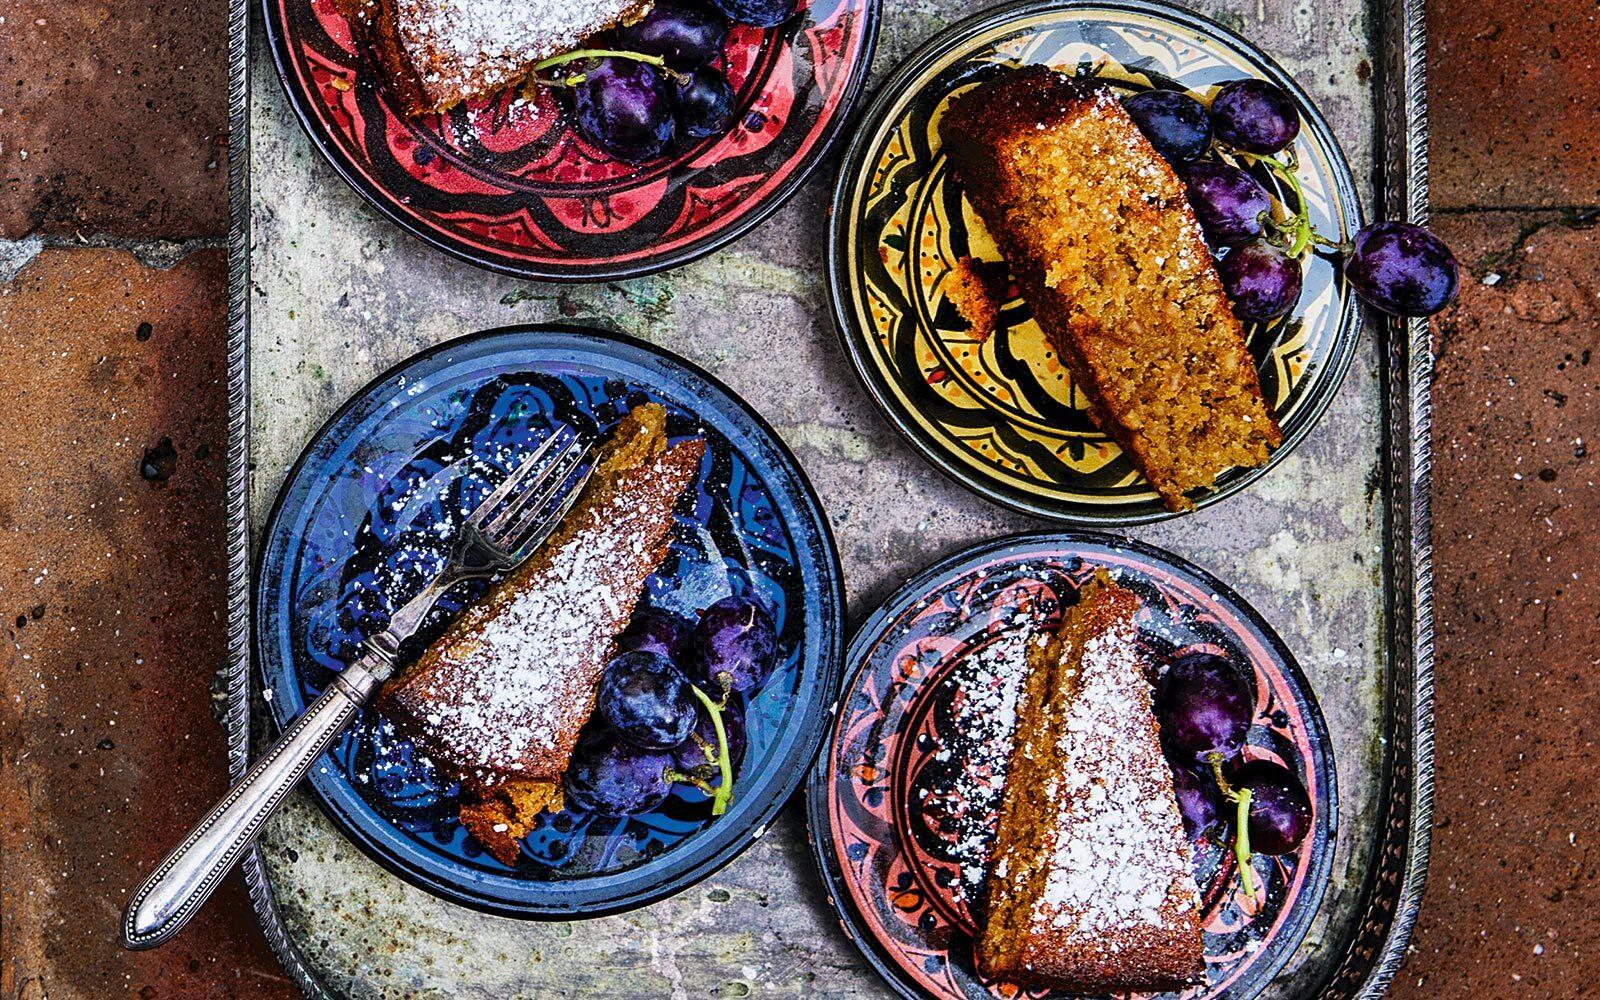 Opskrift på mazarinkage med hjemmelavet marcipan - spansk kage